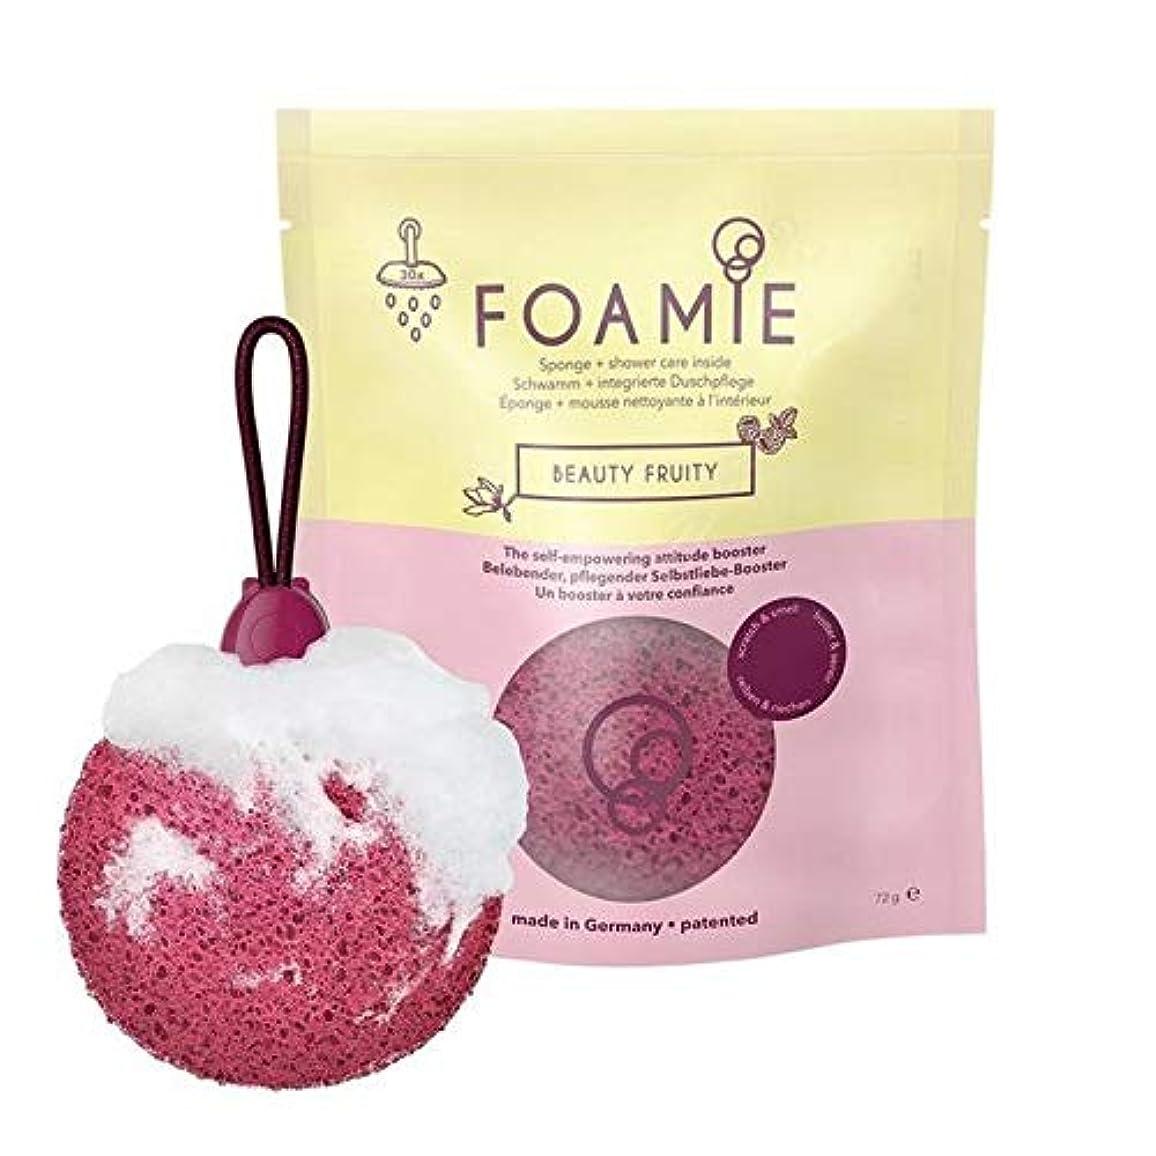 教義貪欲柔和[Foamie] Foamieスポンジ&ボディウォッシュ、美しさのフルーティー - Foamie Sponge & Body Wash, Beauty Fruity [並行輸入品]